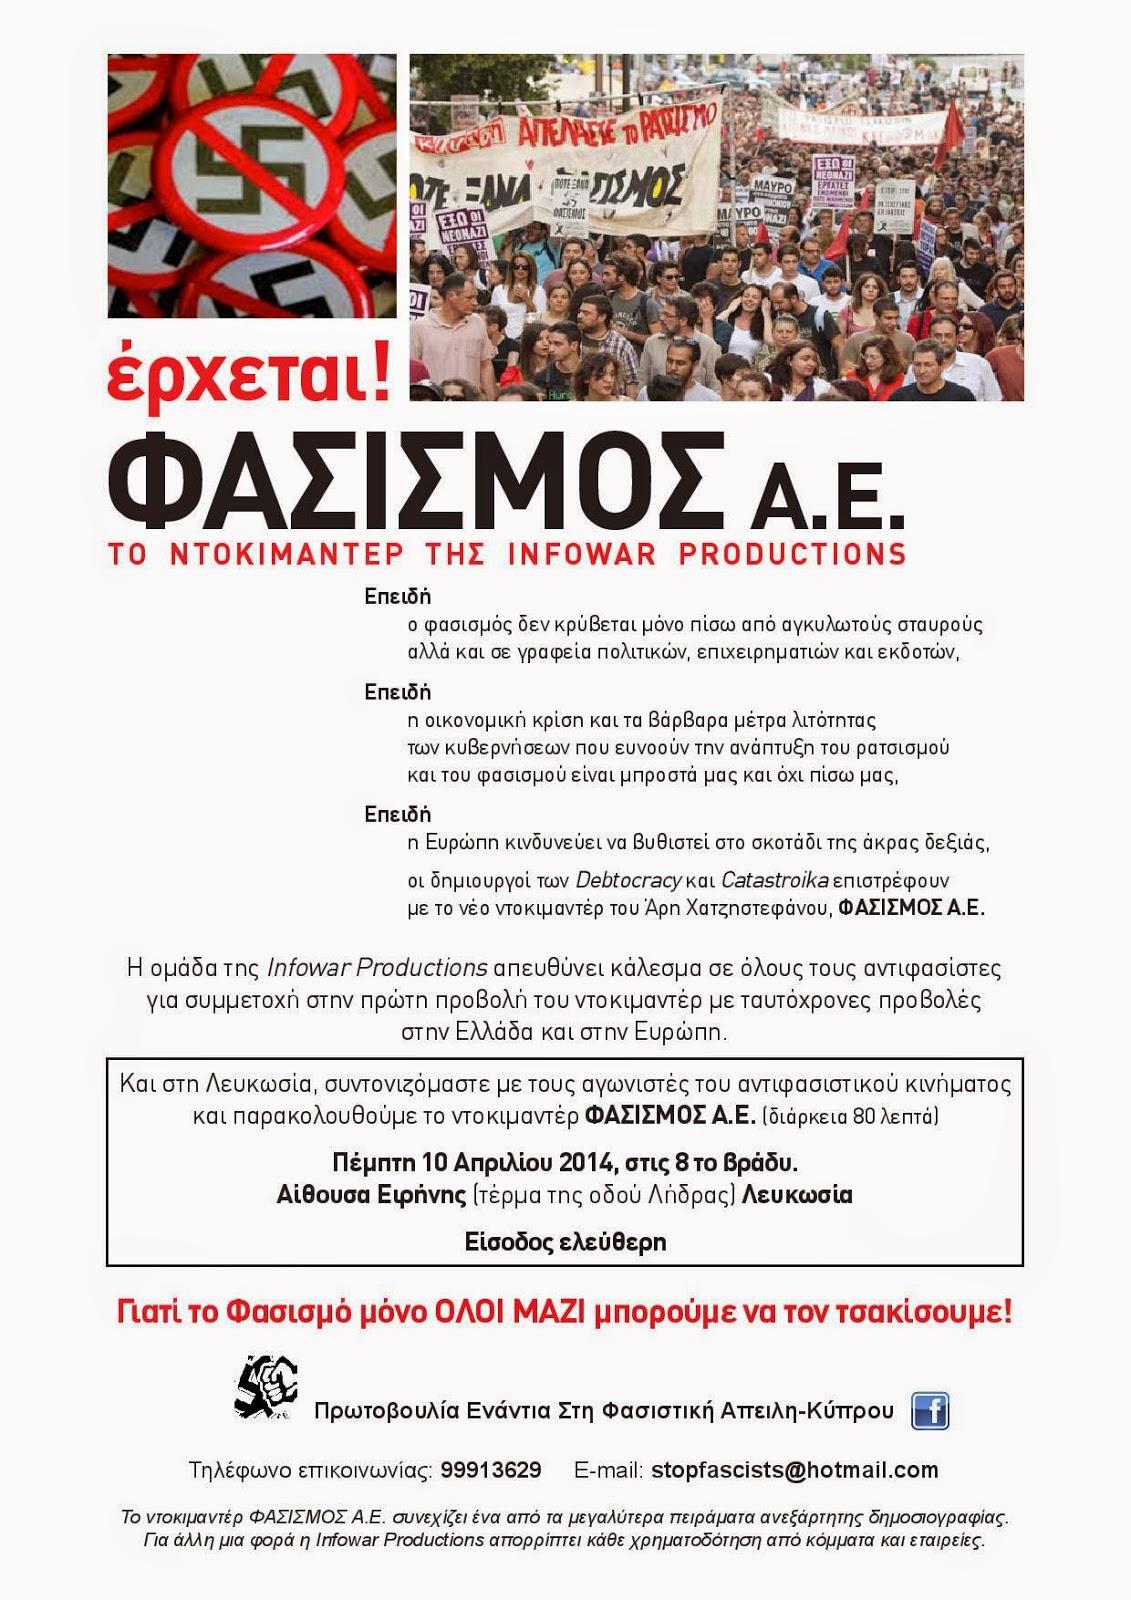 Η Πρωτοβουλία Ενάντια Στη Φασιστική Απειλή-Κύπρου σας προσκαλεί στην προβολή του ντοκιμαντέρ ΦΑΣΙΣΜΟΣ Α.Ε.